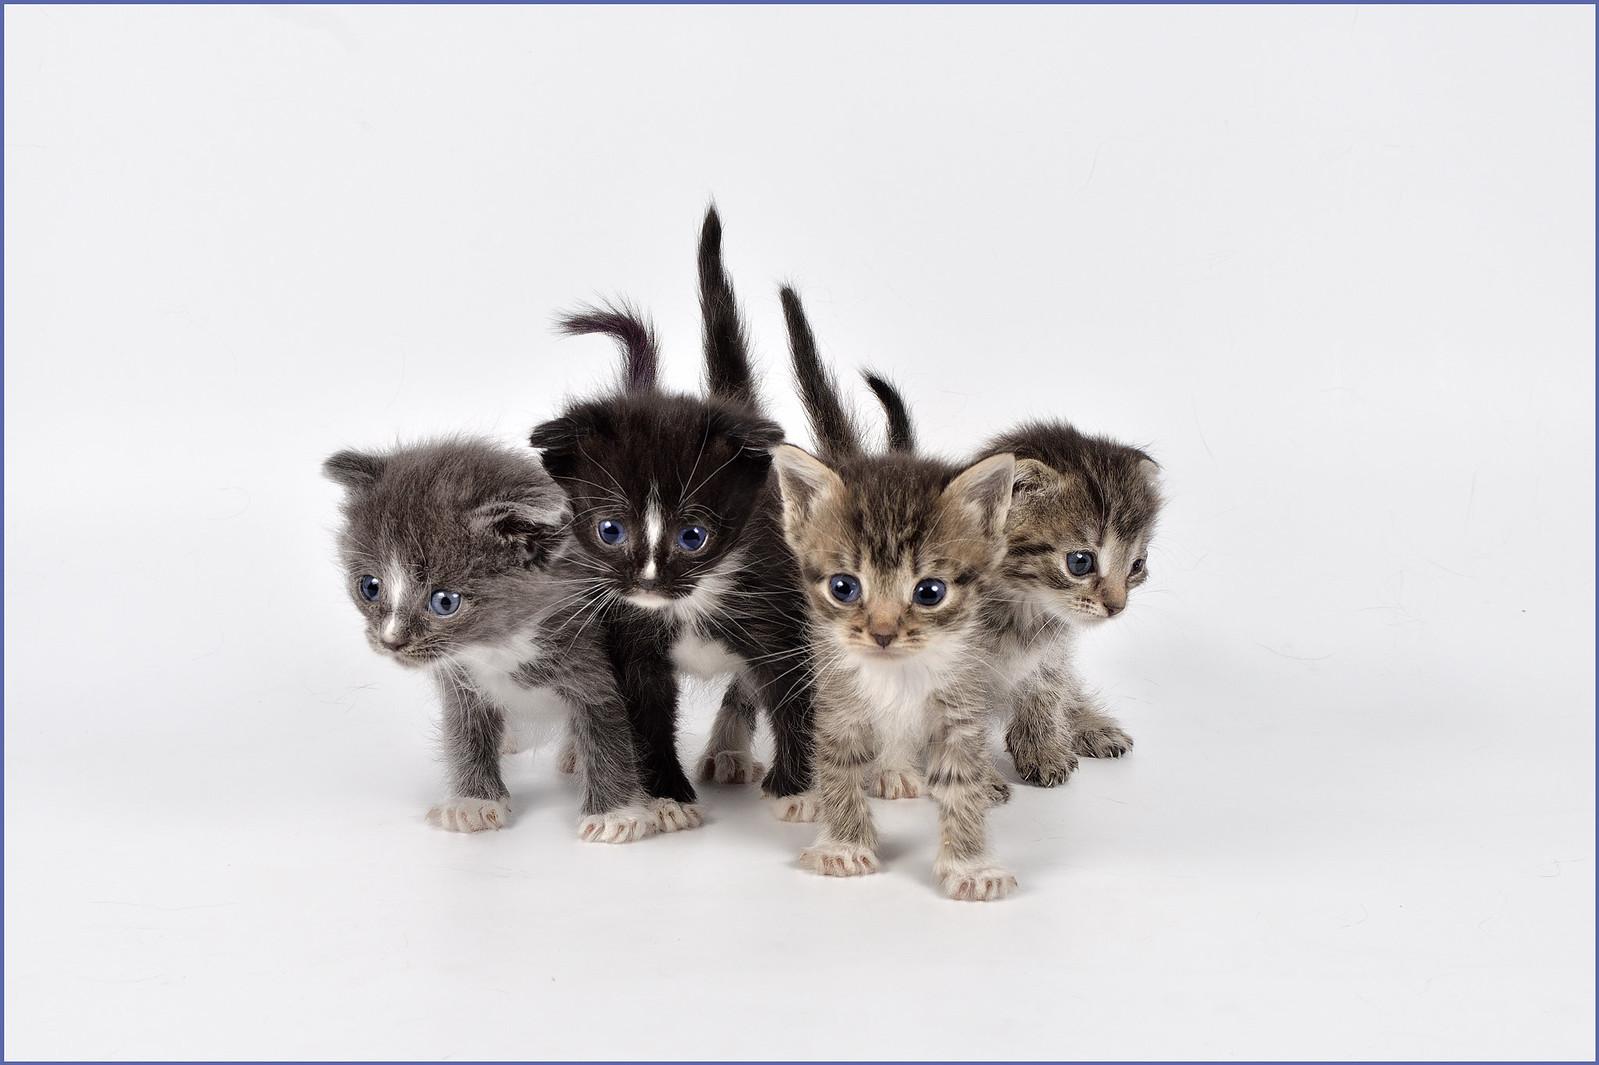 фотограф анималист Челябинск - фото кошек в Челябинске